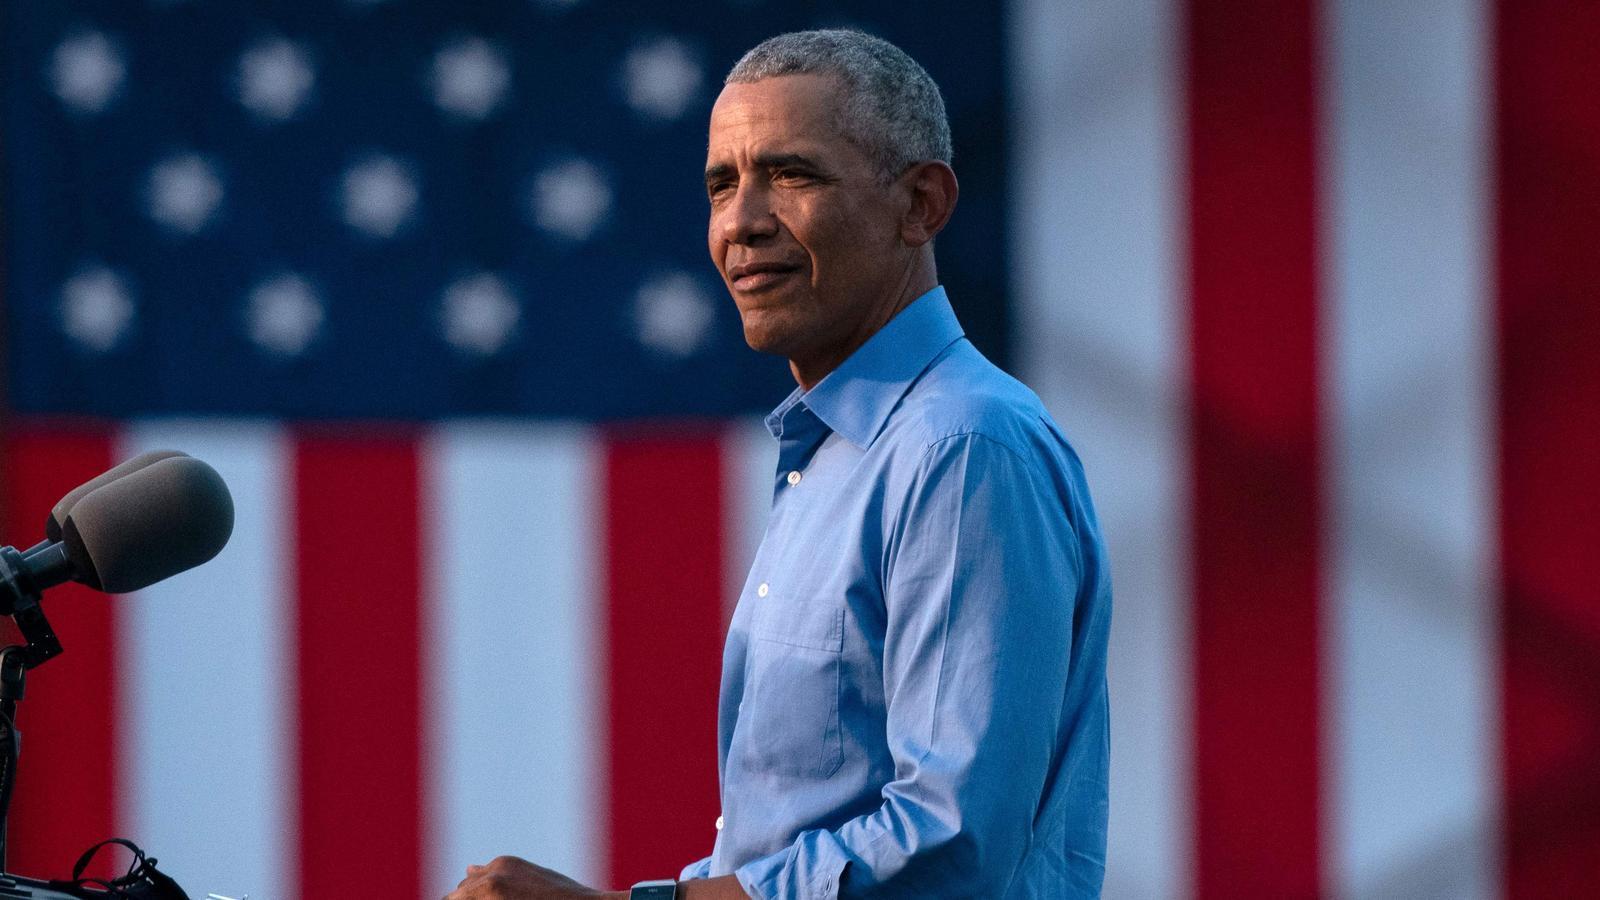 Barack Obama durant el seu discurs de campanya pro-Biden a Filadèlfia, Pennsilvània.